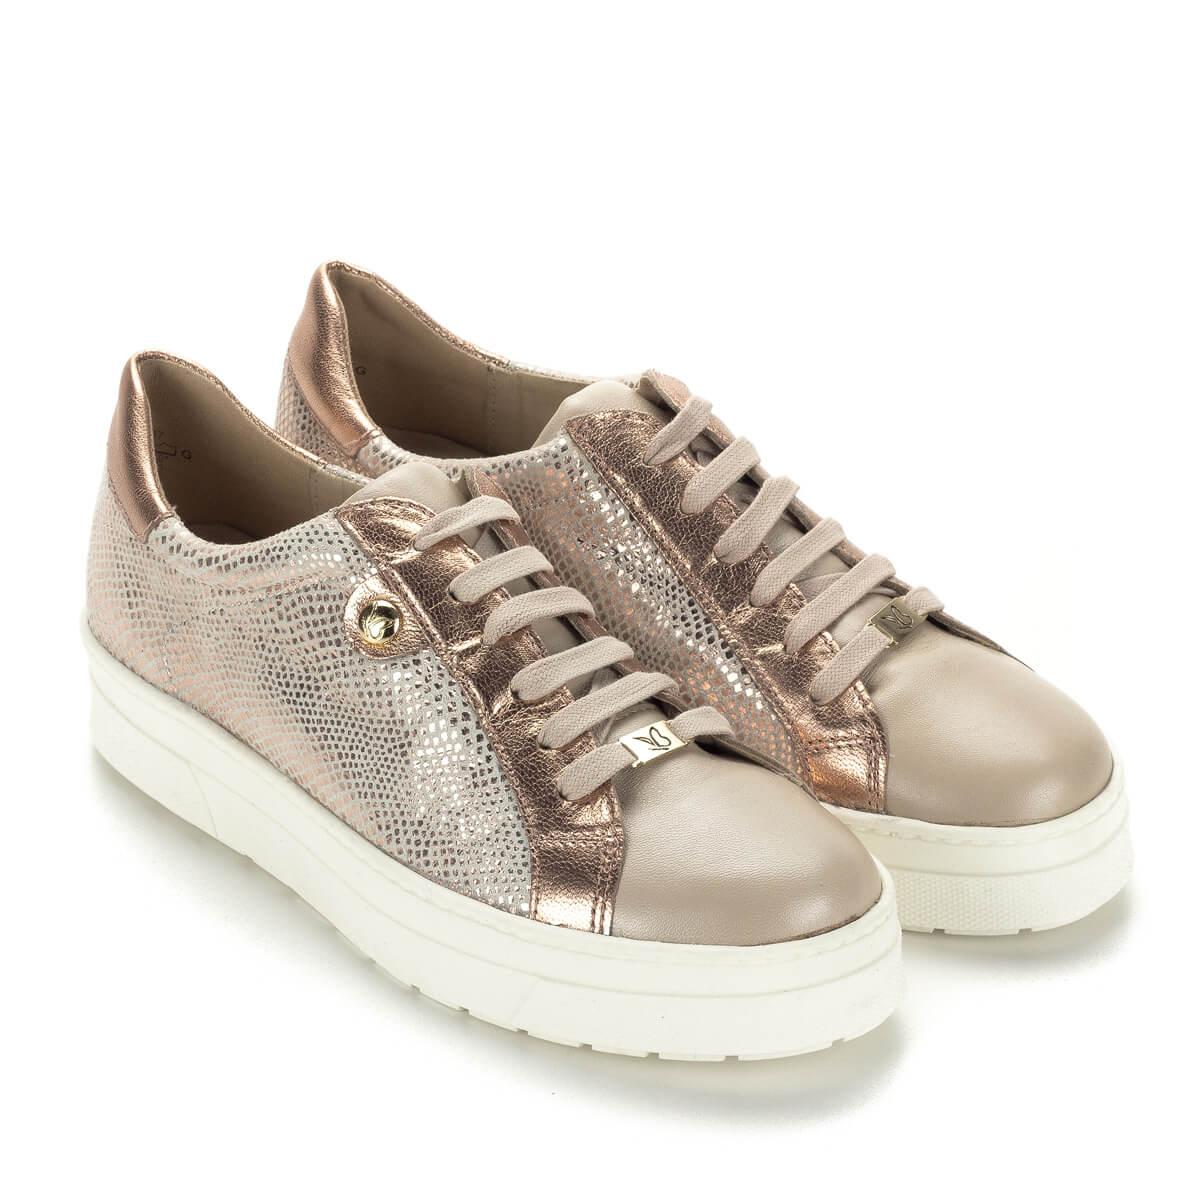 0ad9679902e3 Roze gold fűzős Caprice cipő vastag gumi talppal. Anyaga bőr, nagyon  kényelmes, trendi ...